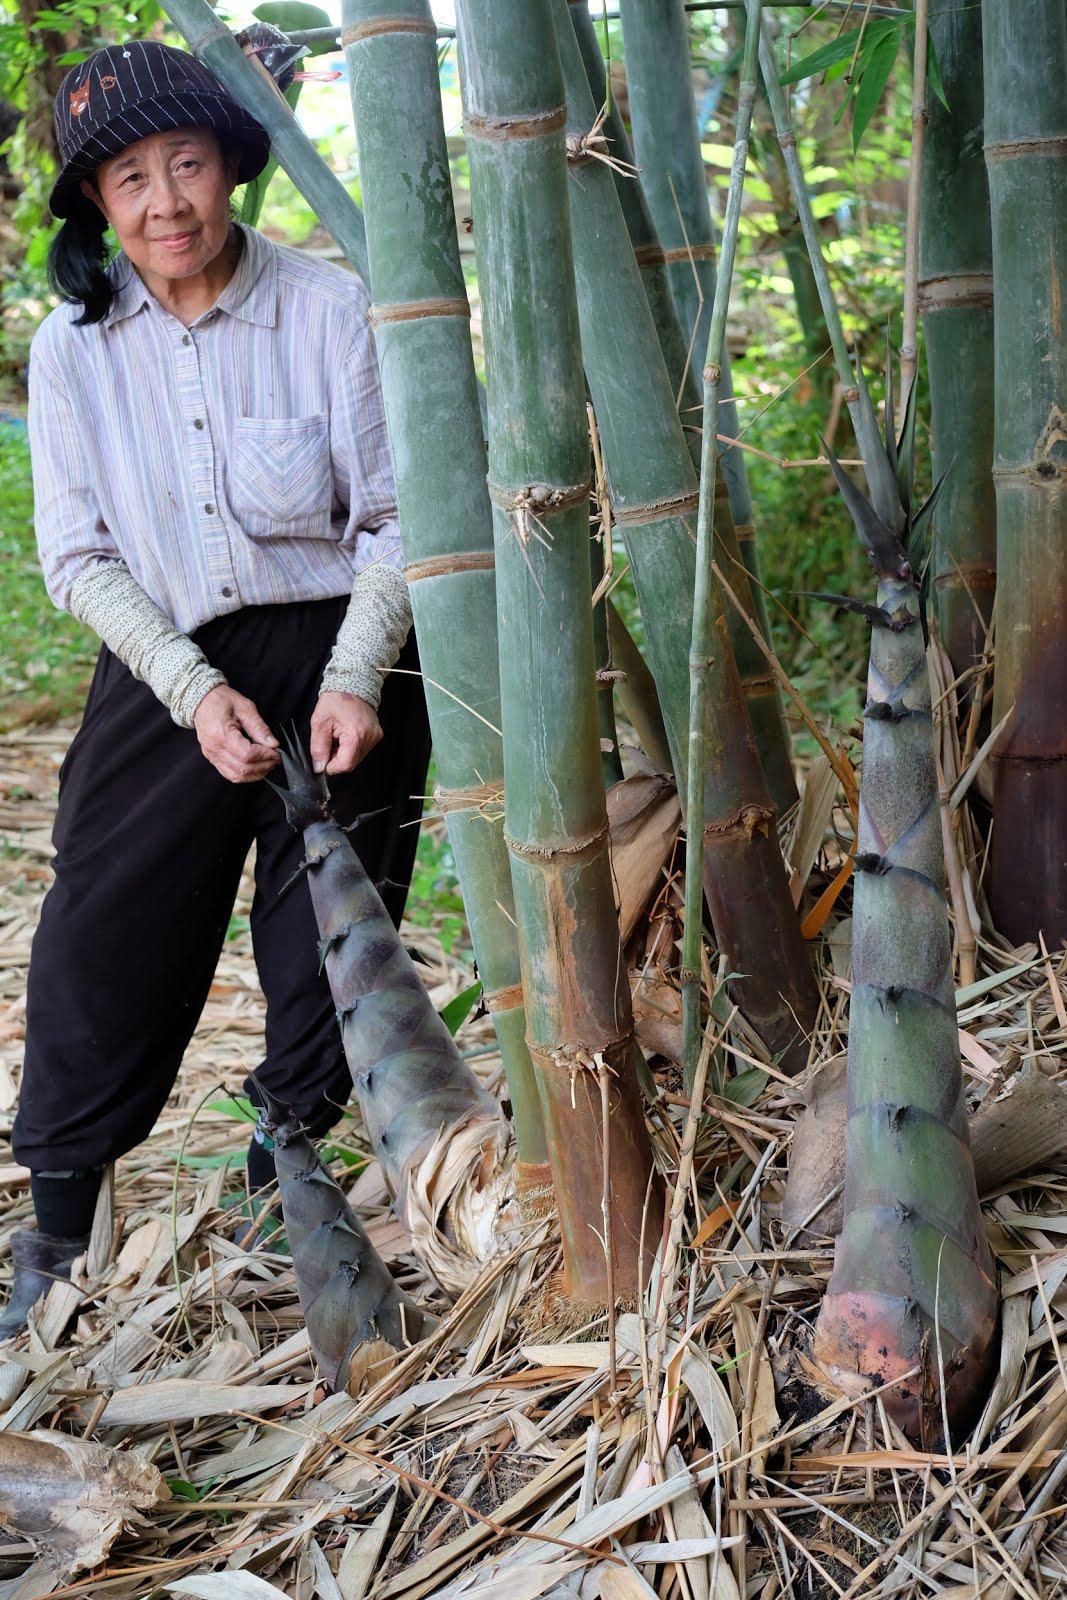 หน่อไม้พันธุ์ไผ่จีน